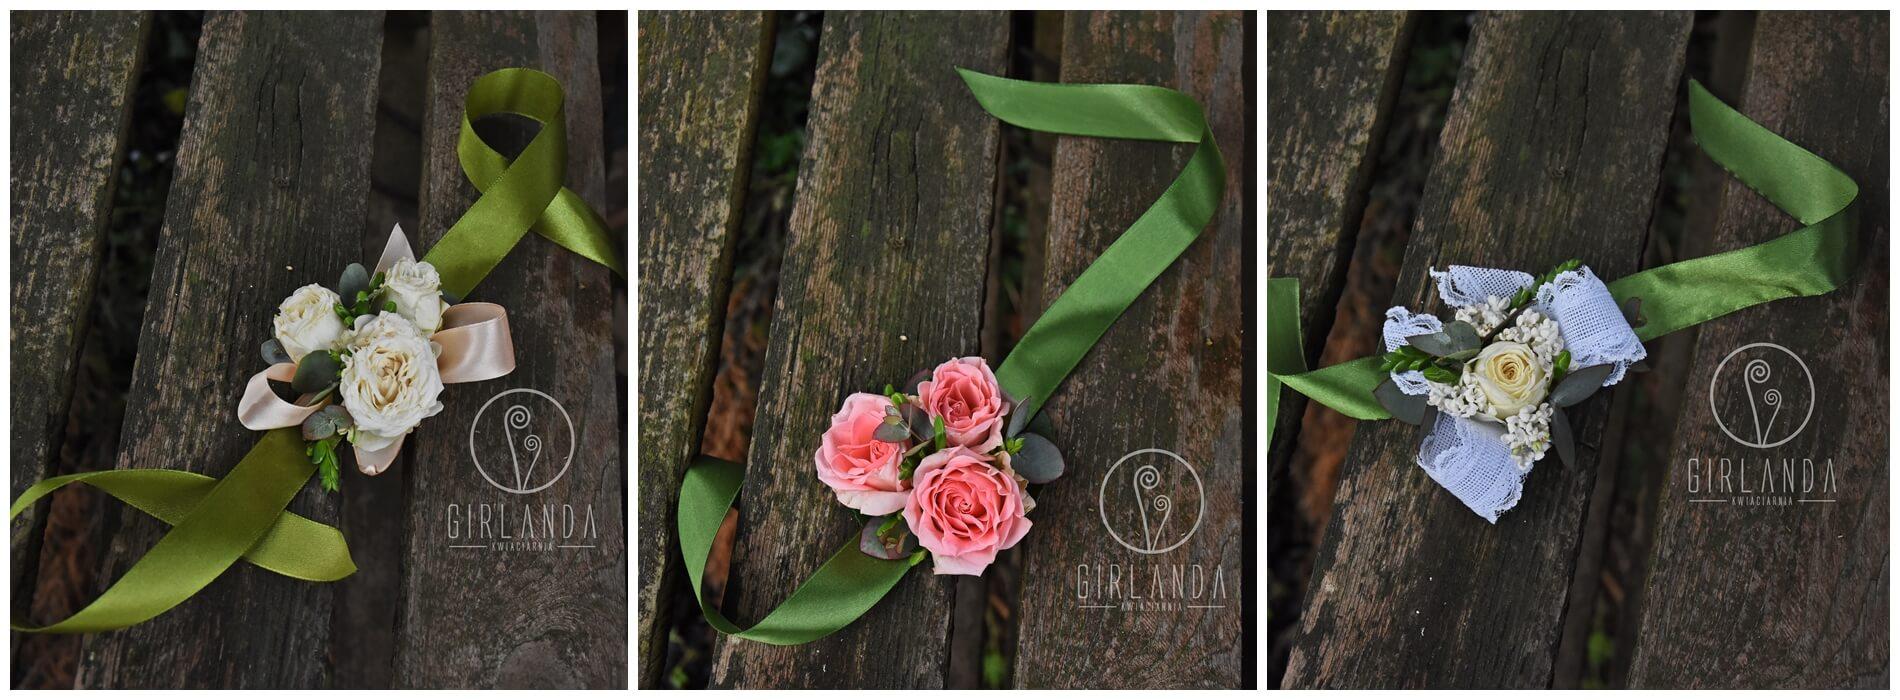 Propozycja kwiatów z kwiaciarni online Białystok